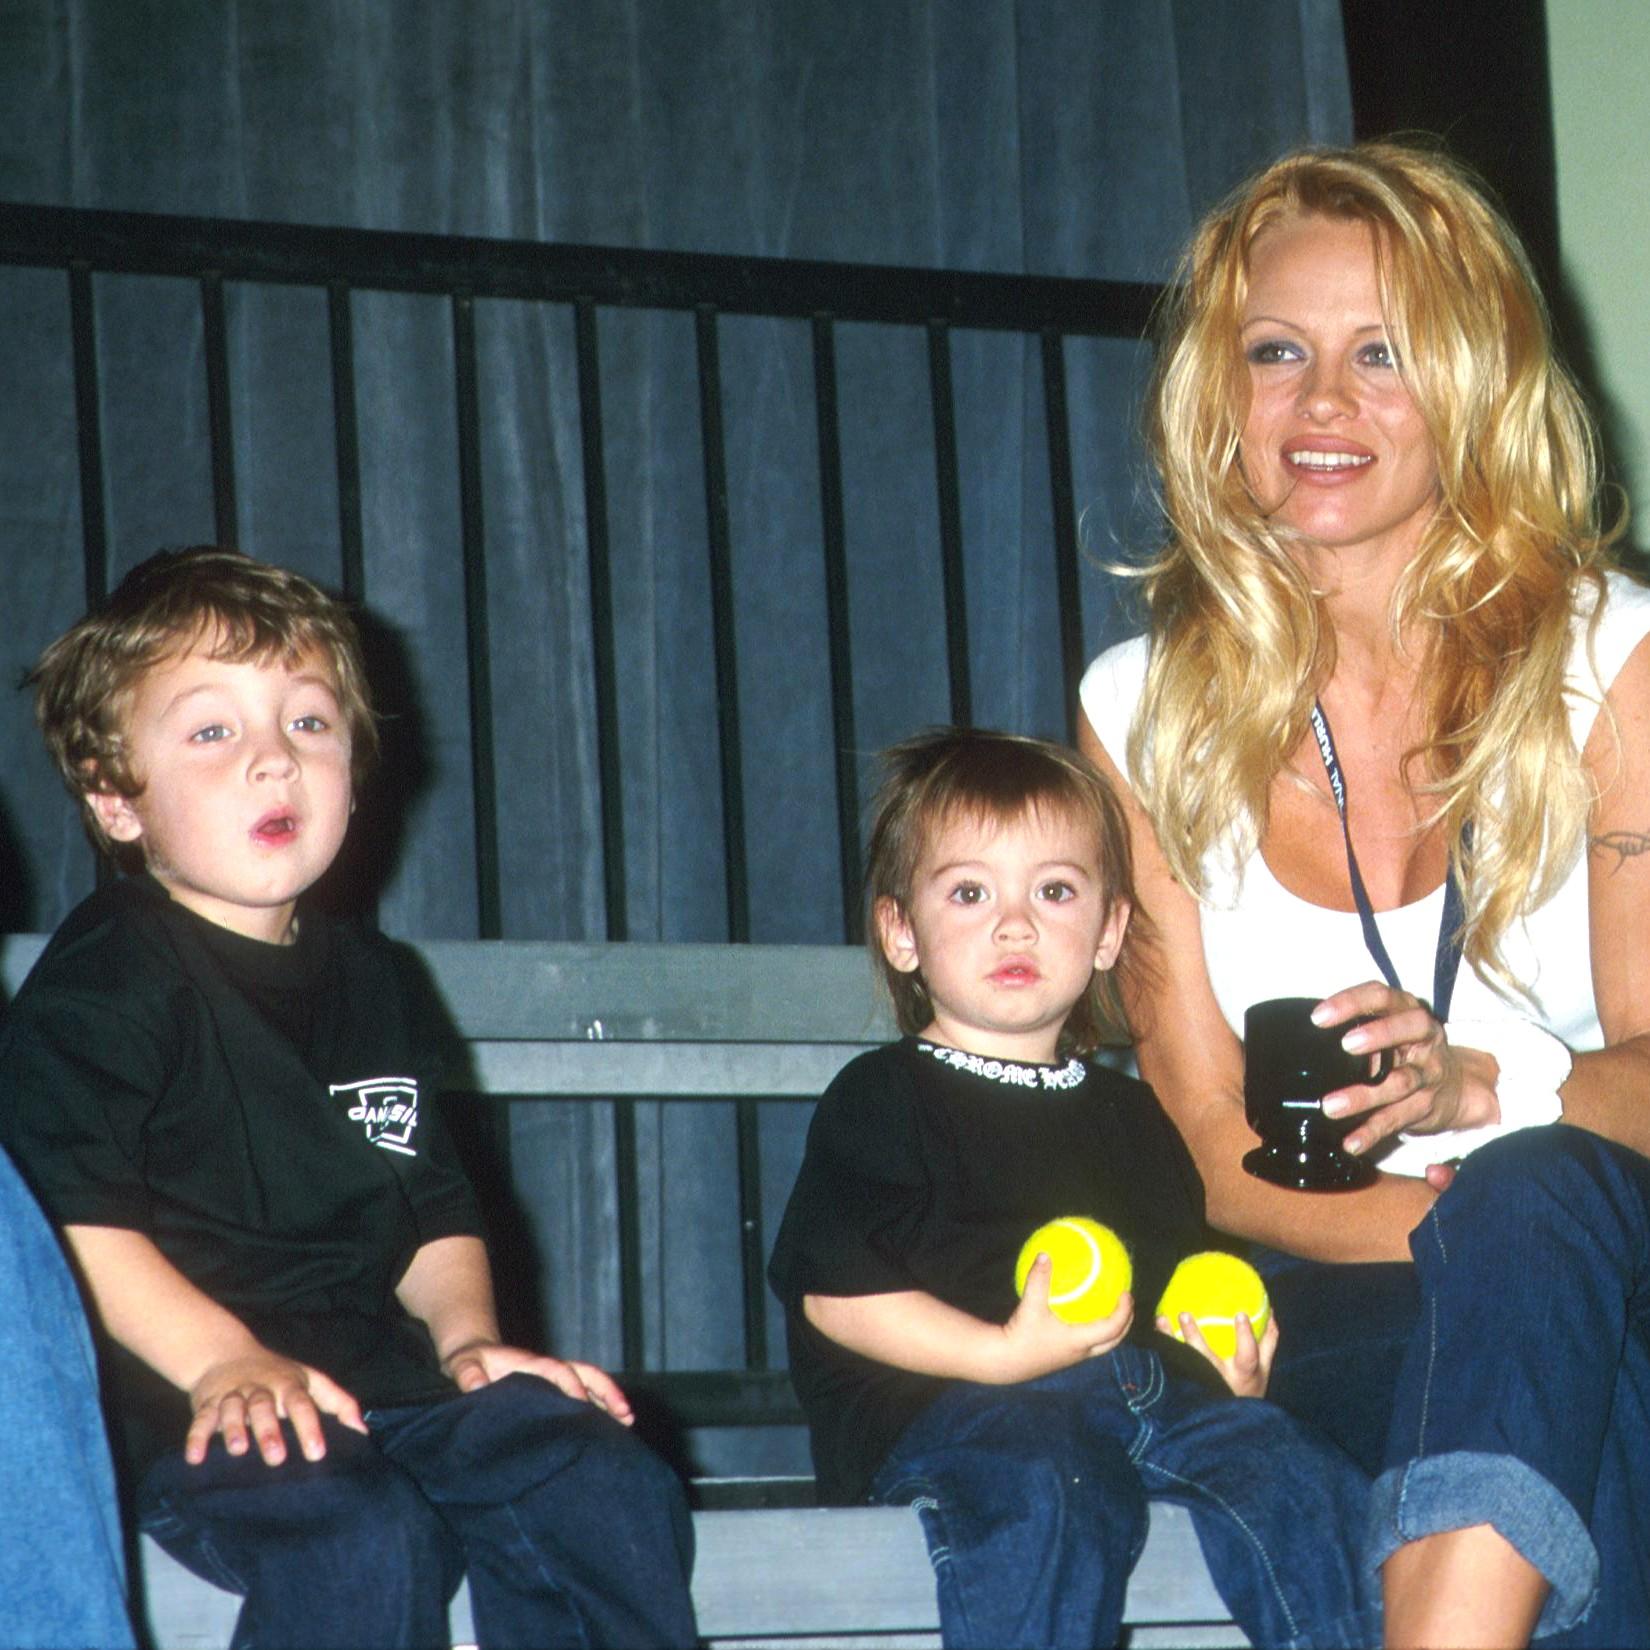 A atriz Pamela Anderson deu à luz os dois filhos (Brandon e Dylan) em casa, por meio da técnica do parto n'água. (Foto: Getty Images)